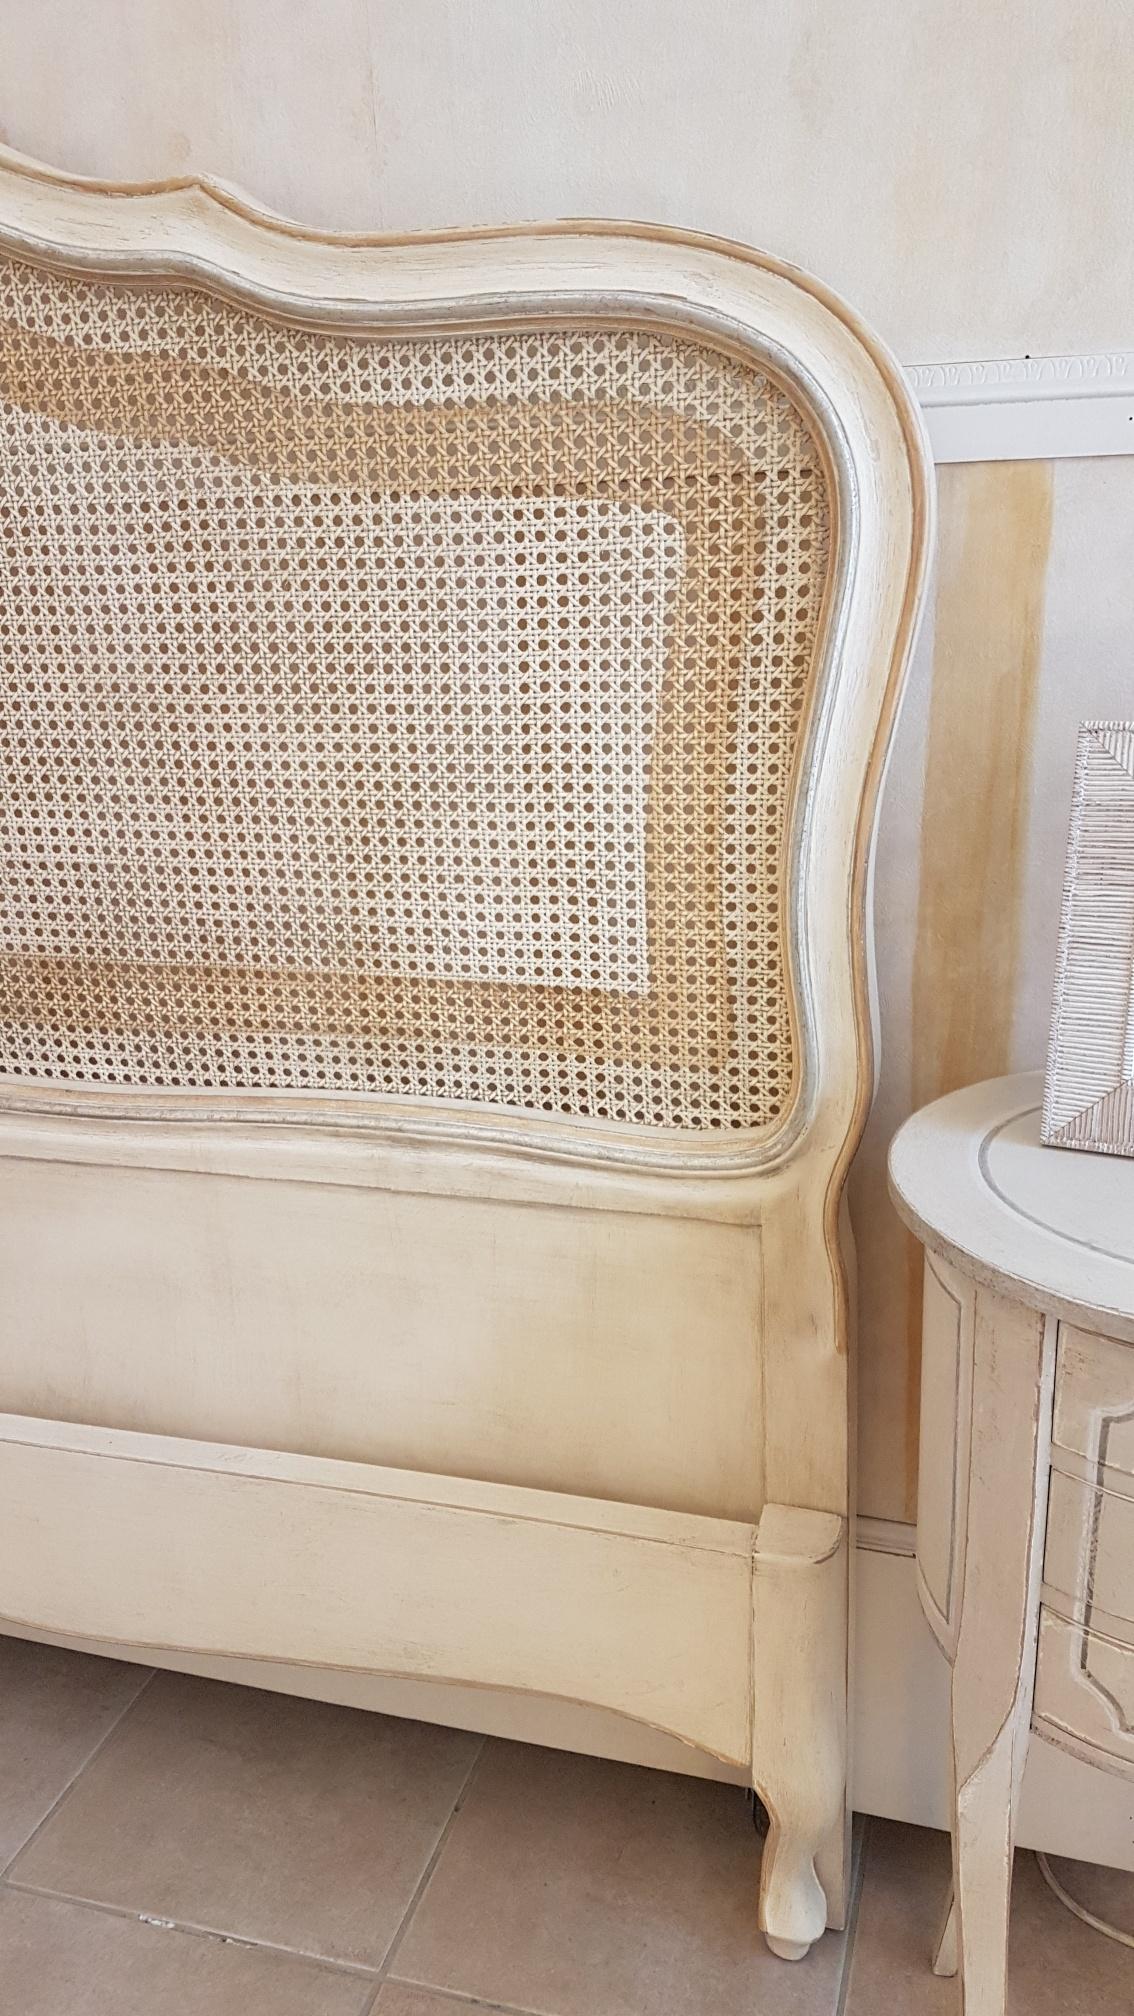 Arredamento contemporaneo mobili country su misura siena - Letto di paglia ...